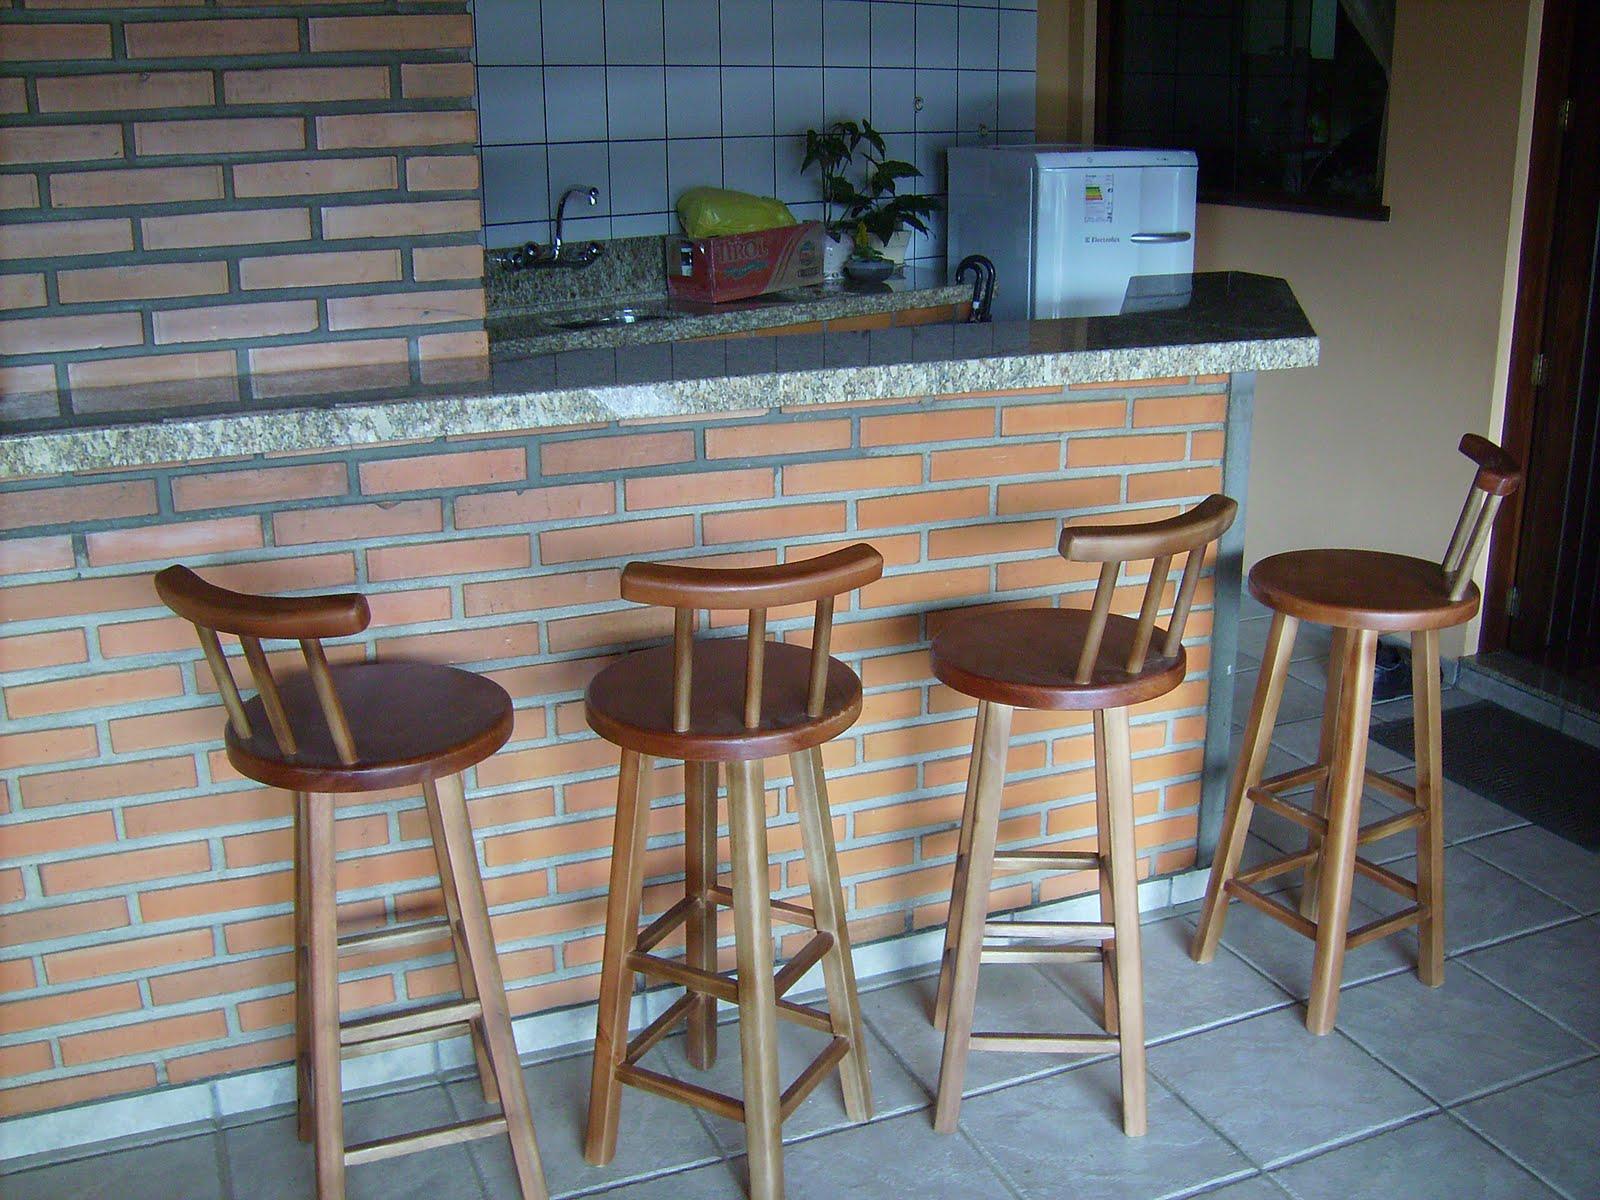 Banqueta com encosto Cod. 1012 feitas para o cliente Sr. Rogério  #845F47 1600x1200